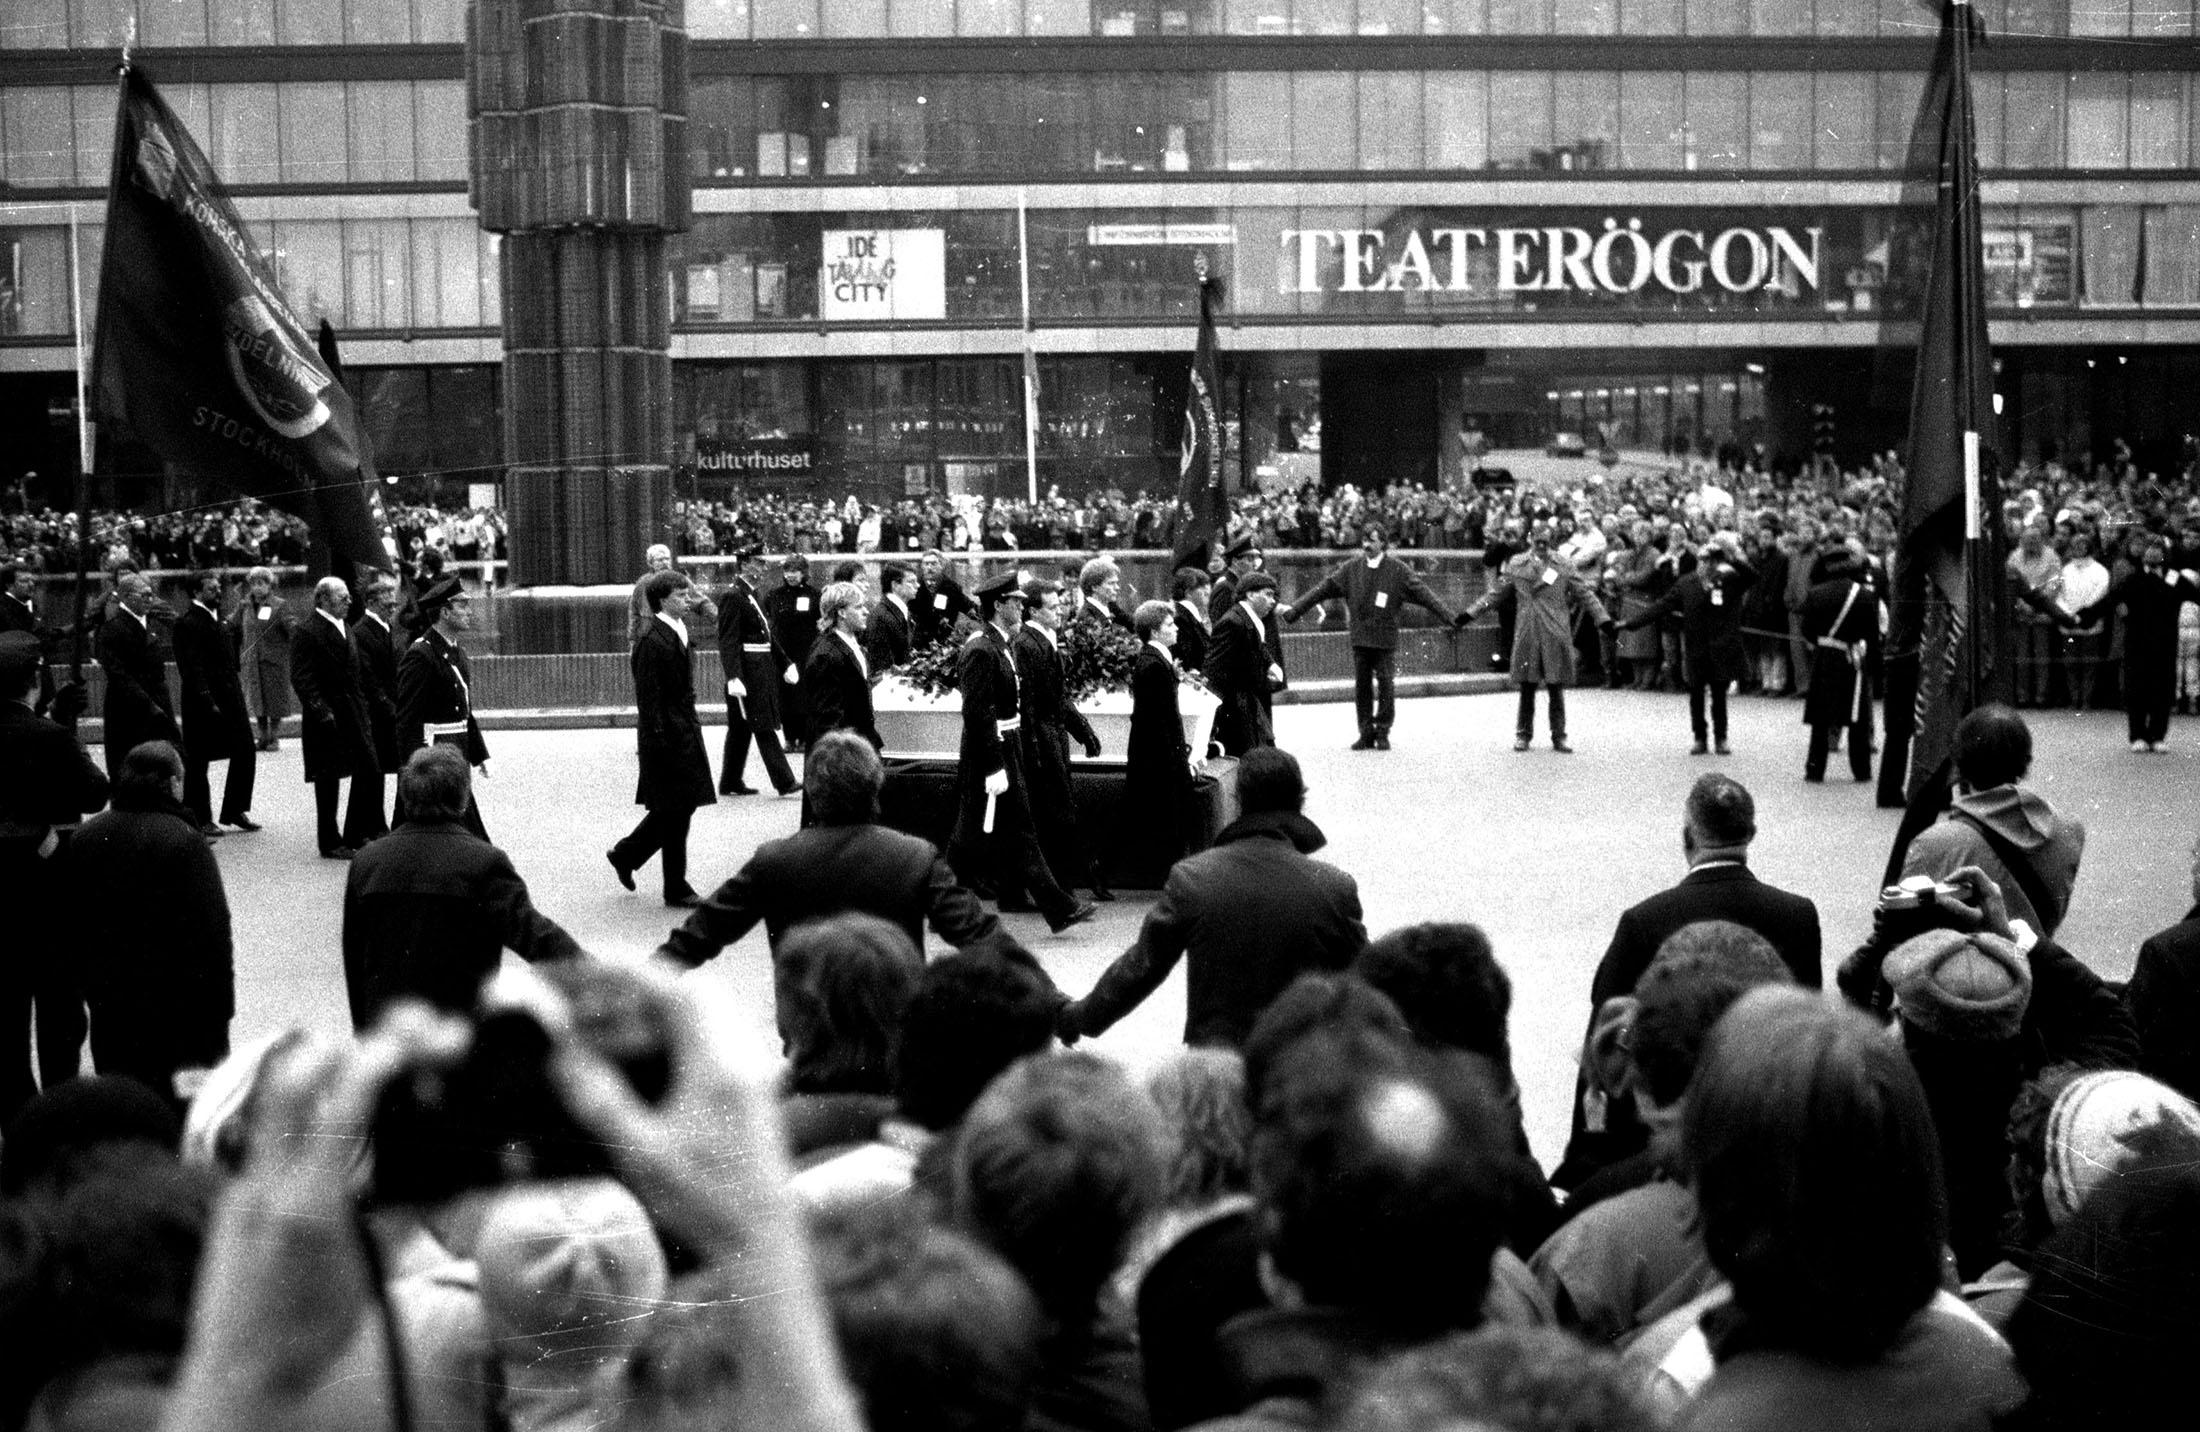 15 mars, 1986. Olof Palmes kista passerar Sergels Torg på väg till Stockholms Stadshus. Jag var inte där på uppdrag utan åkte in till stan med min bror Johnny för att vi kände att vi behövde vara där. Vi stod i många timmar och frös innan kortegen kom.